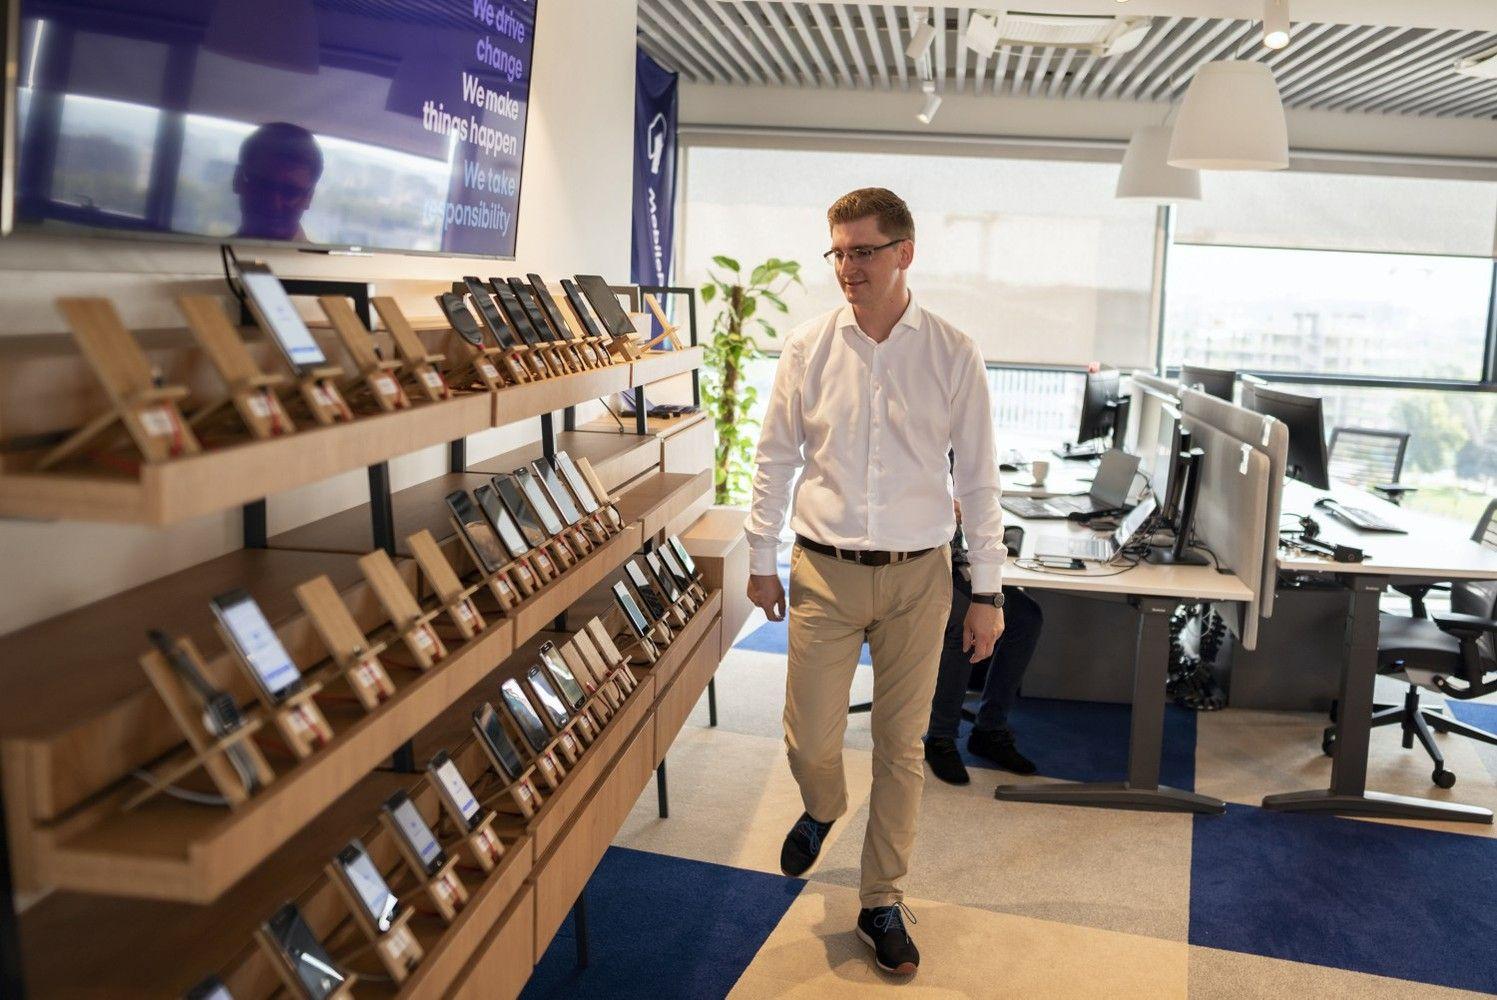 Mobiliųjų mokėjimų revoliucija: Skandinavijos rinkas užkariauja sprendimas prie kurio dirba lietuviai